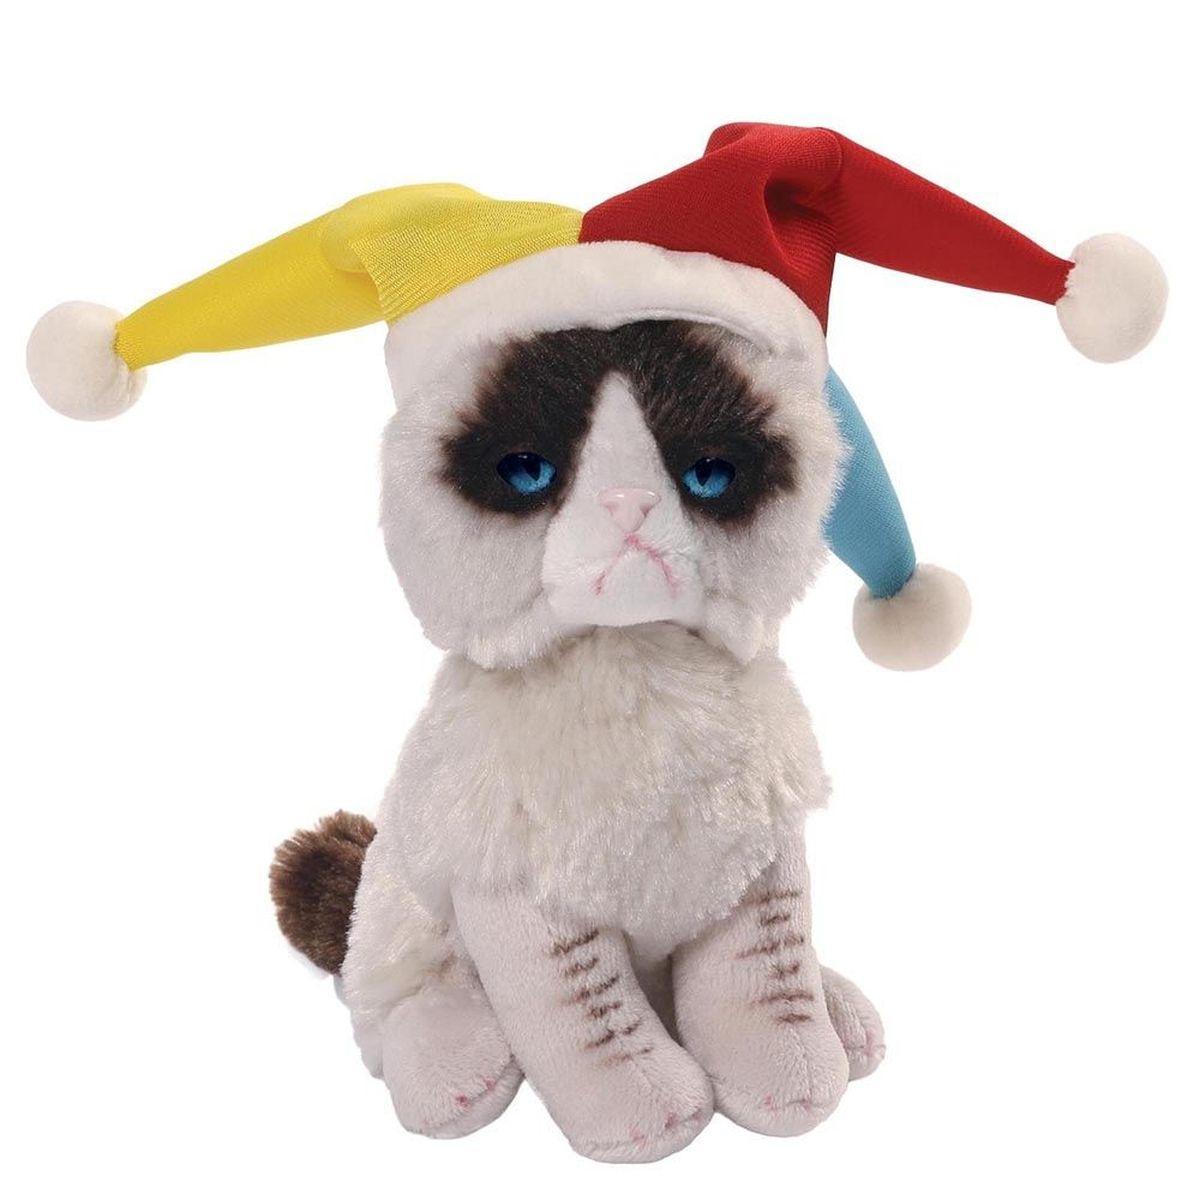 Gund Мягкая игрушка Grumpy Cat Jester 12,5 см мягкие игрушки gund игрушка мягкая itty bitty boo daisy boo 12 5 см gund